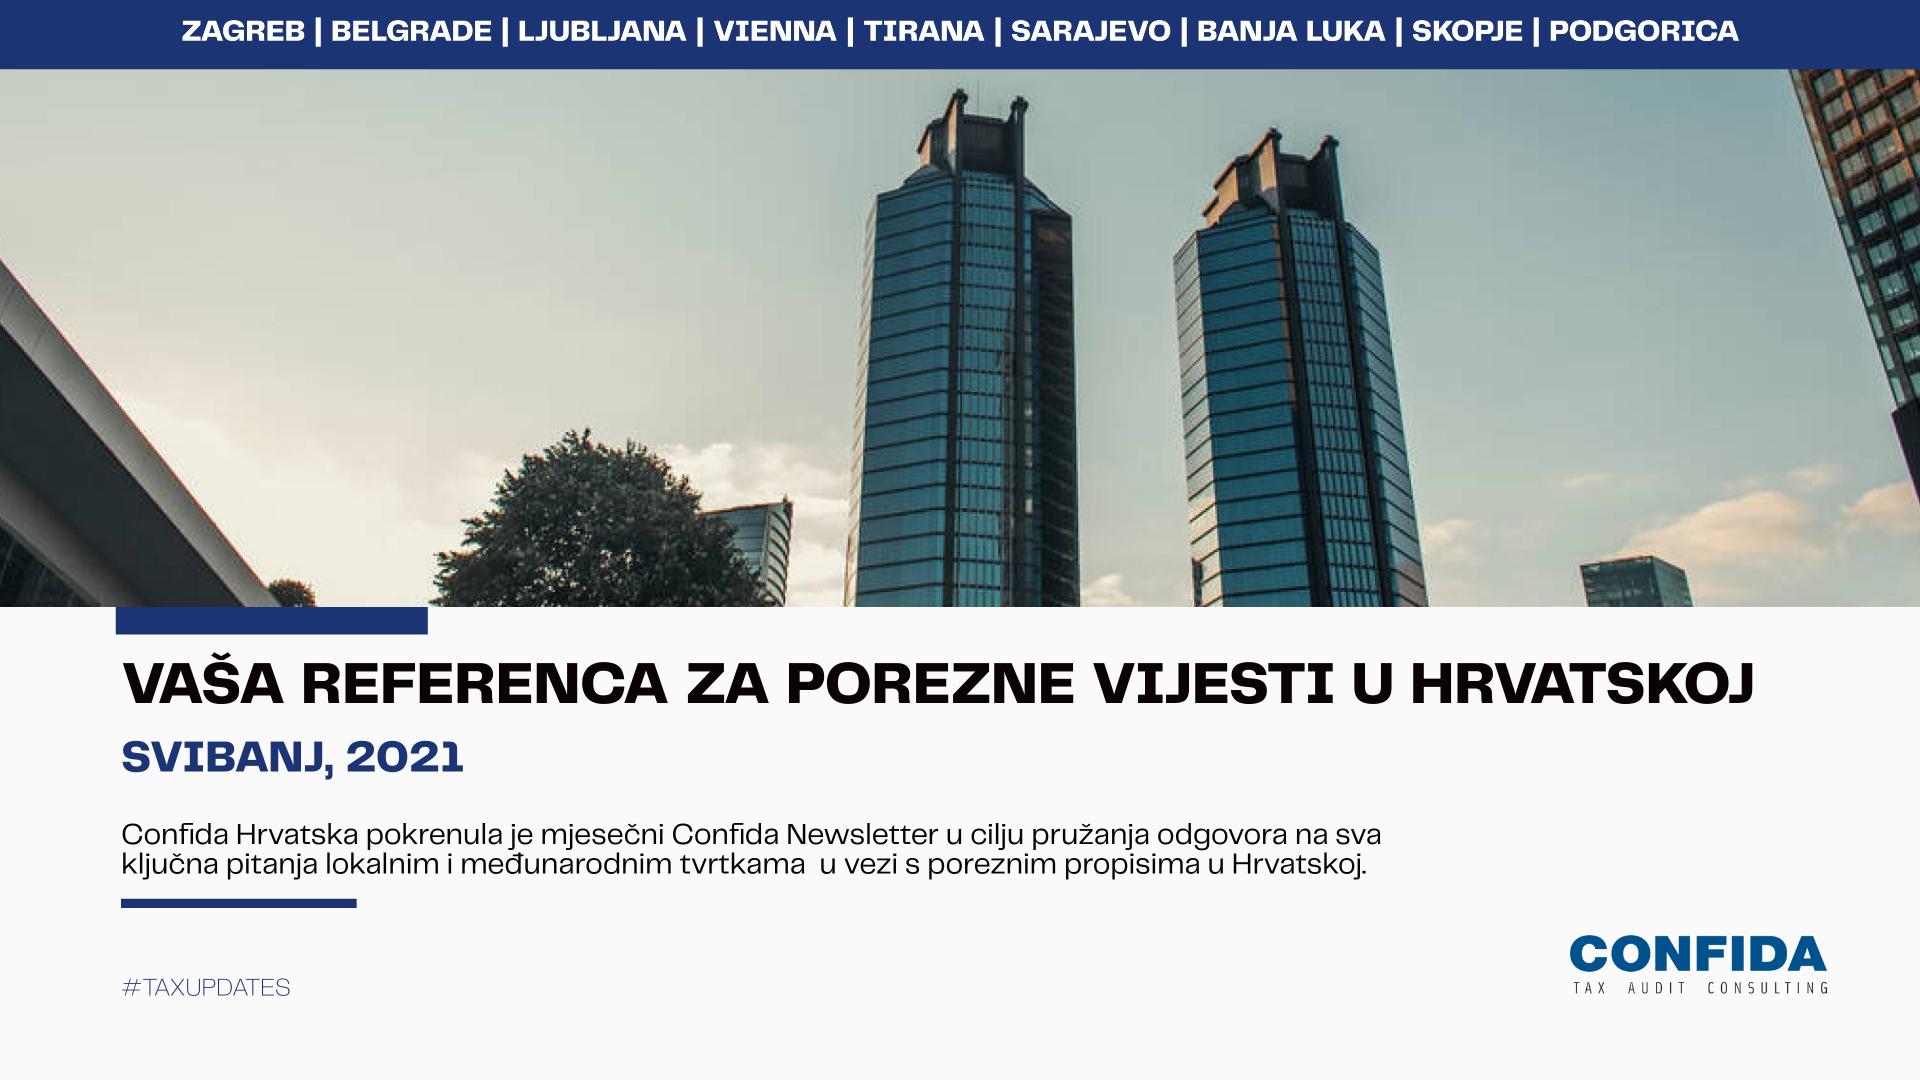 Svibanj 2021: Vaša referenca za porezne vijesti u Hrvatskoj